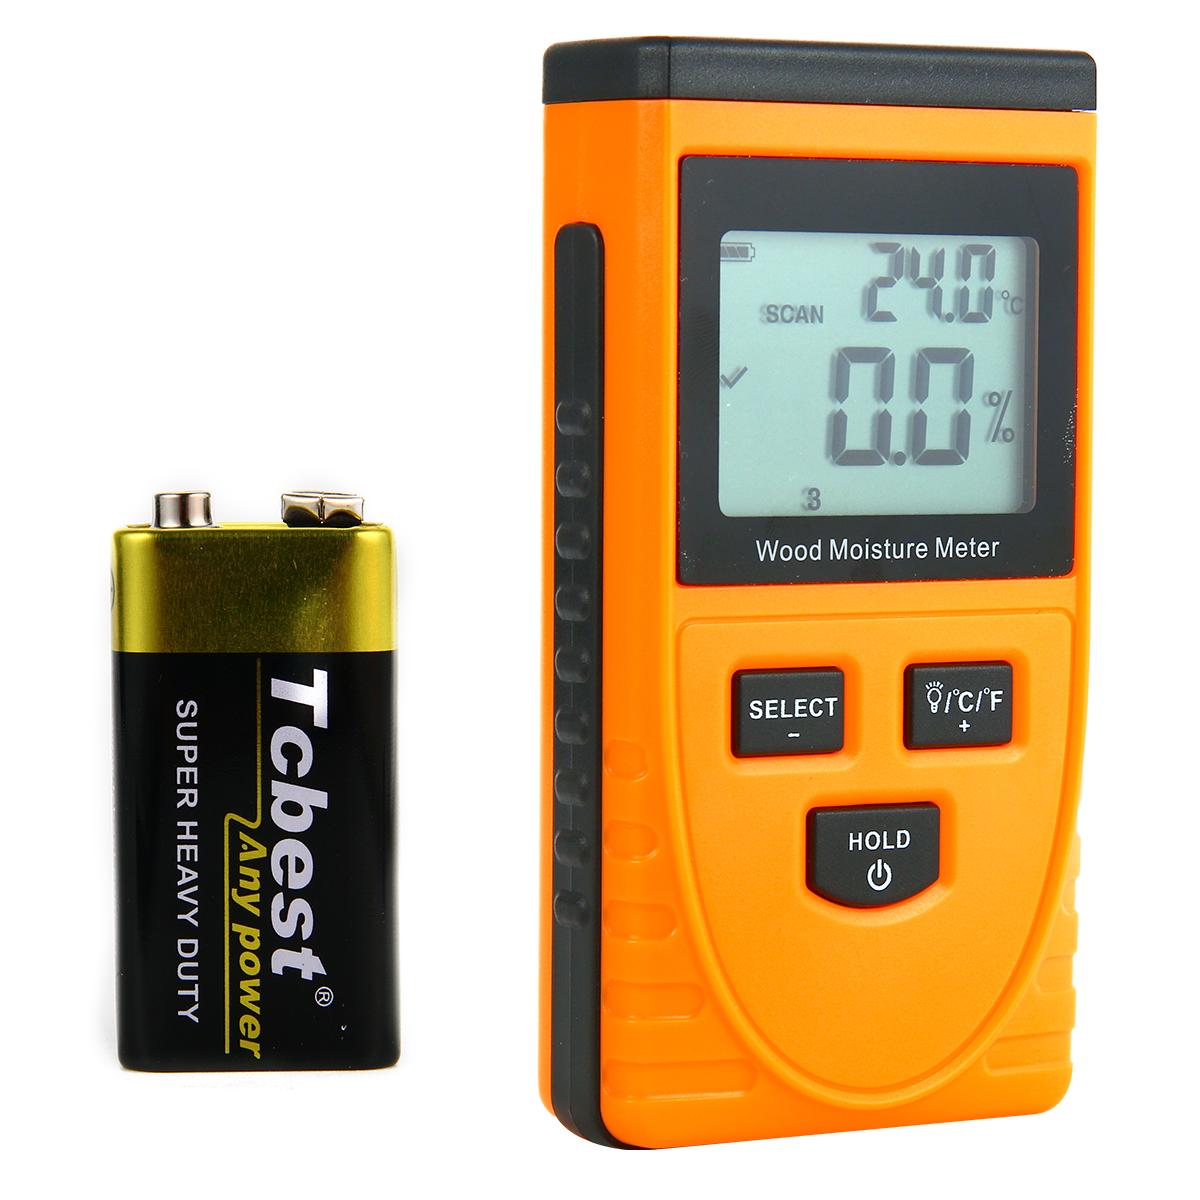 Wood Moisture Tester Digital Humidity Meter Detector Temperature Timber TE324(China (Mainland))